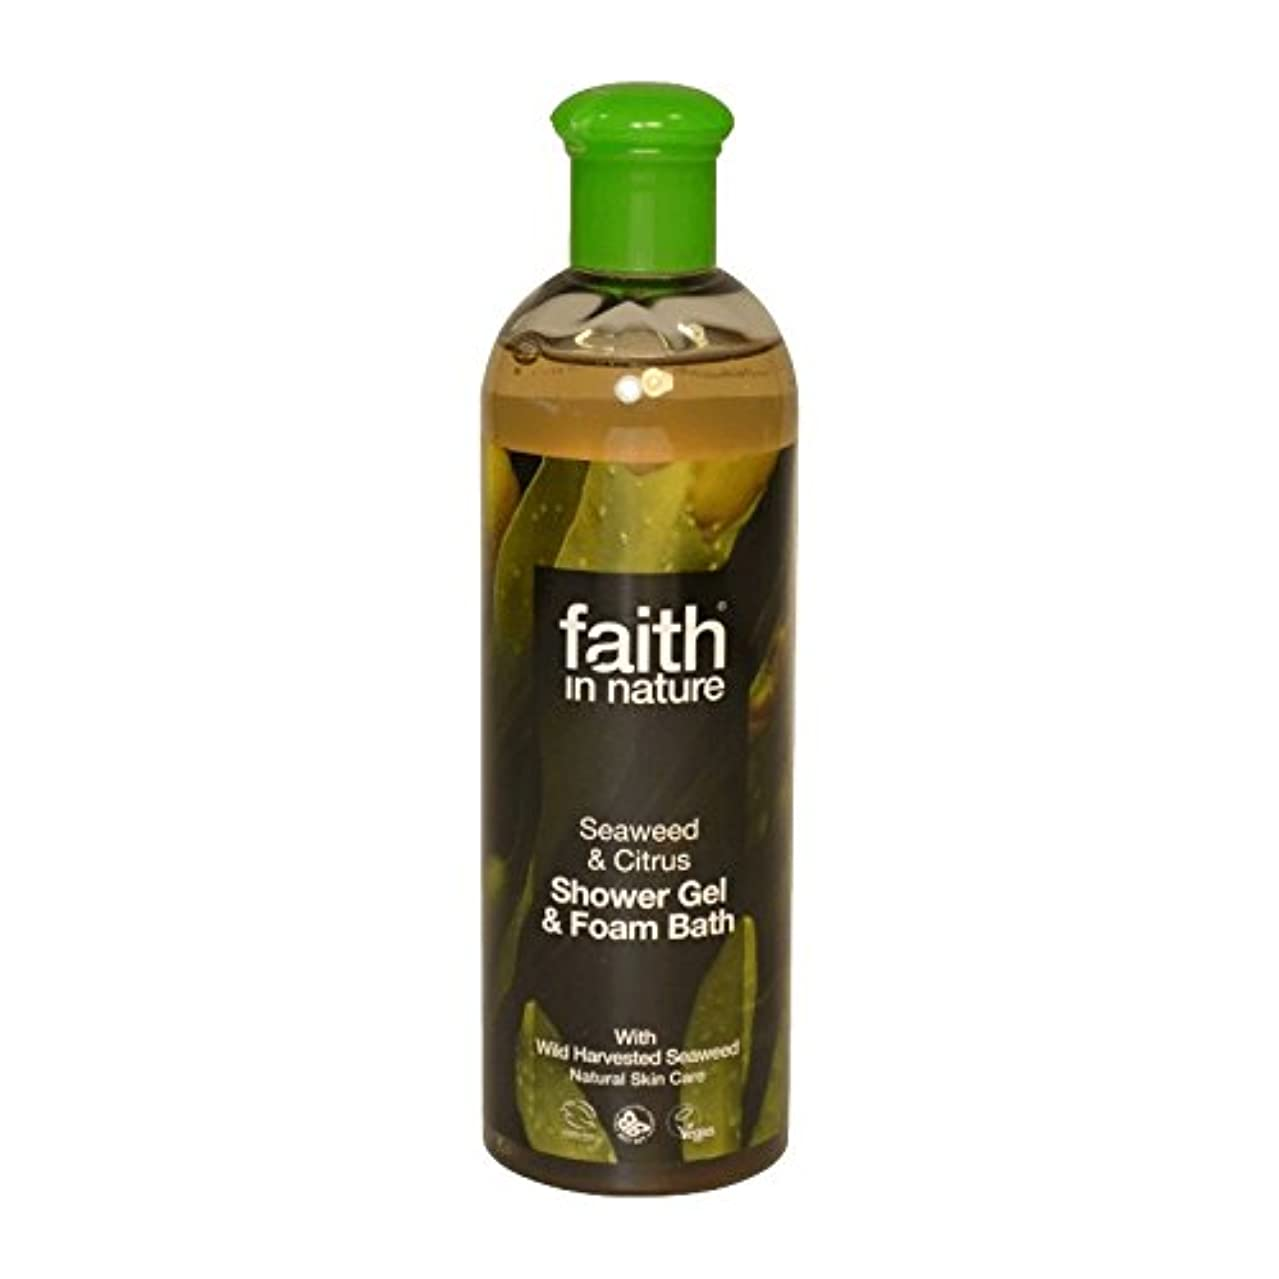 人物司法変更可能Faith in Nature Seaweed & Citrus Shower Gel & Bath Foam 400ml (Pack of 2) - 自然の海藻&シトラスシャワージェル&バス泡400ミリリットルの信仰 (x2) [並行輸入品]